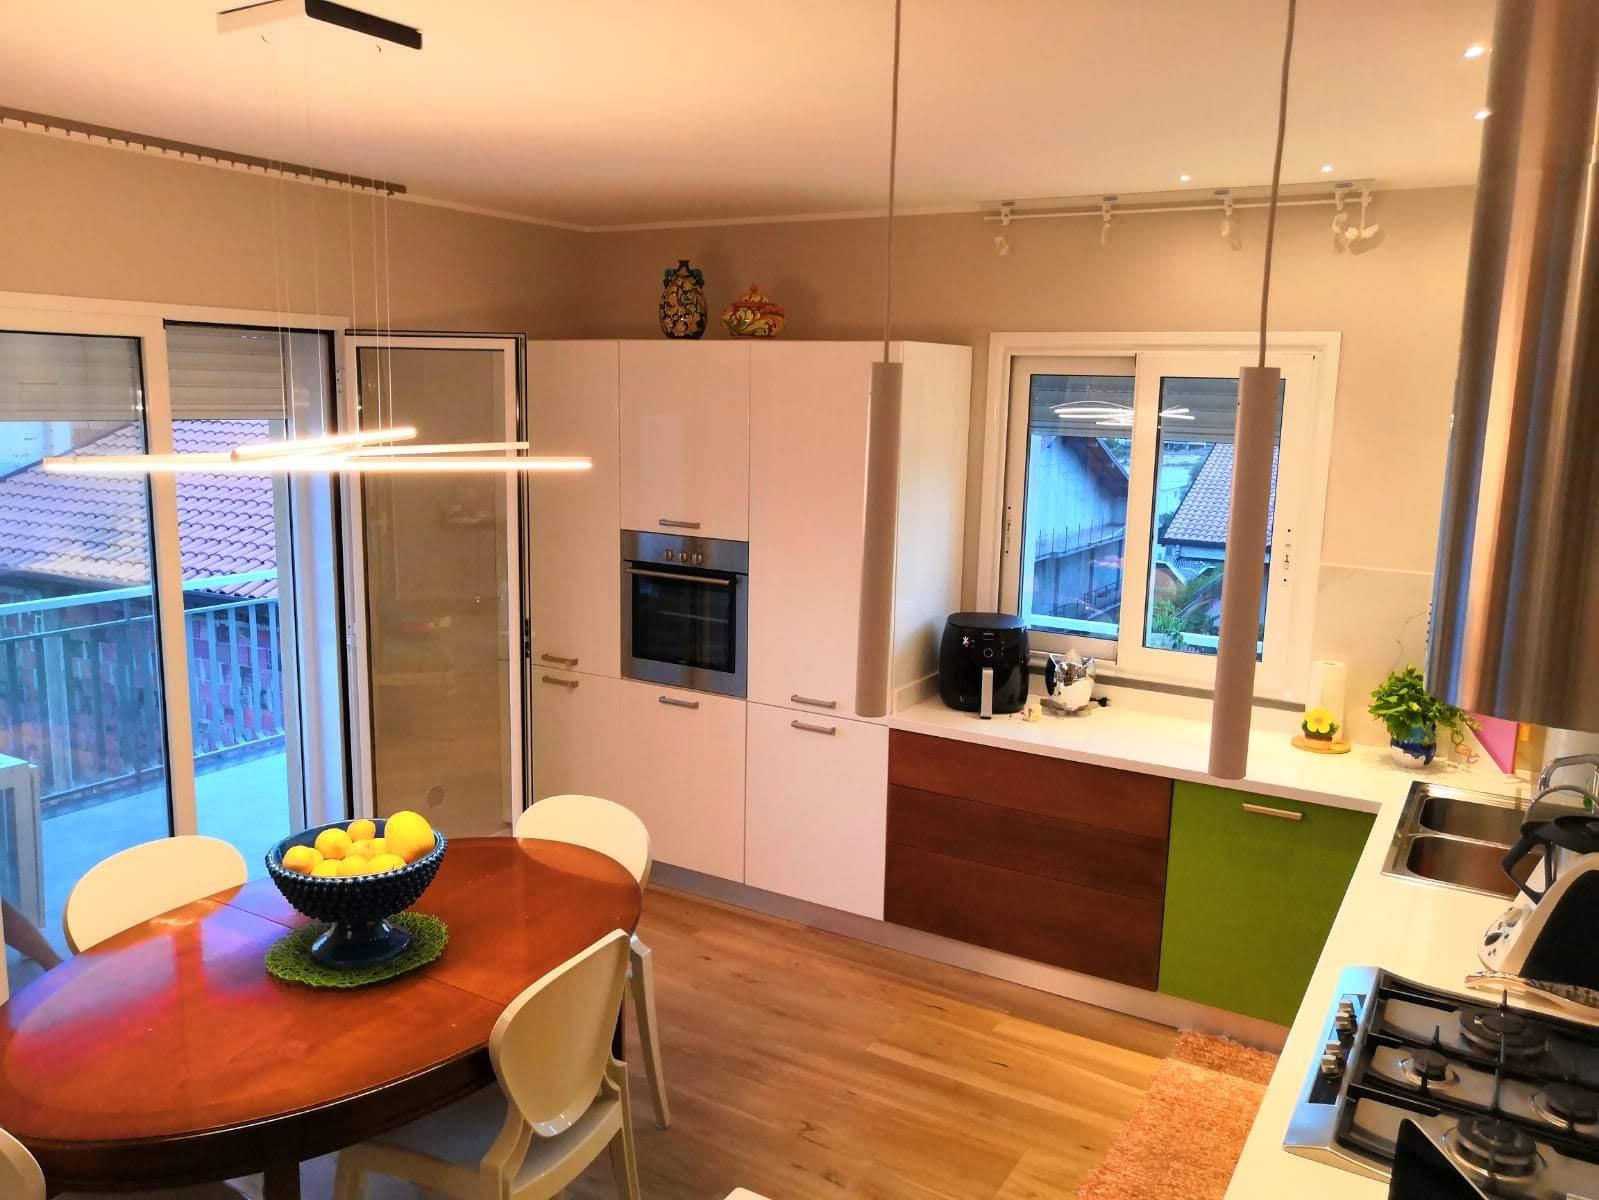 Illuminazione Piano Lavoro Cucina illuminare un living, abitazione privata - studio luce